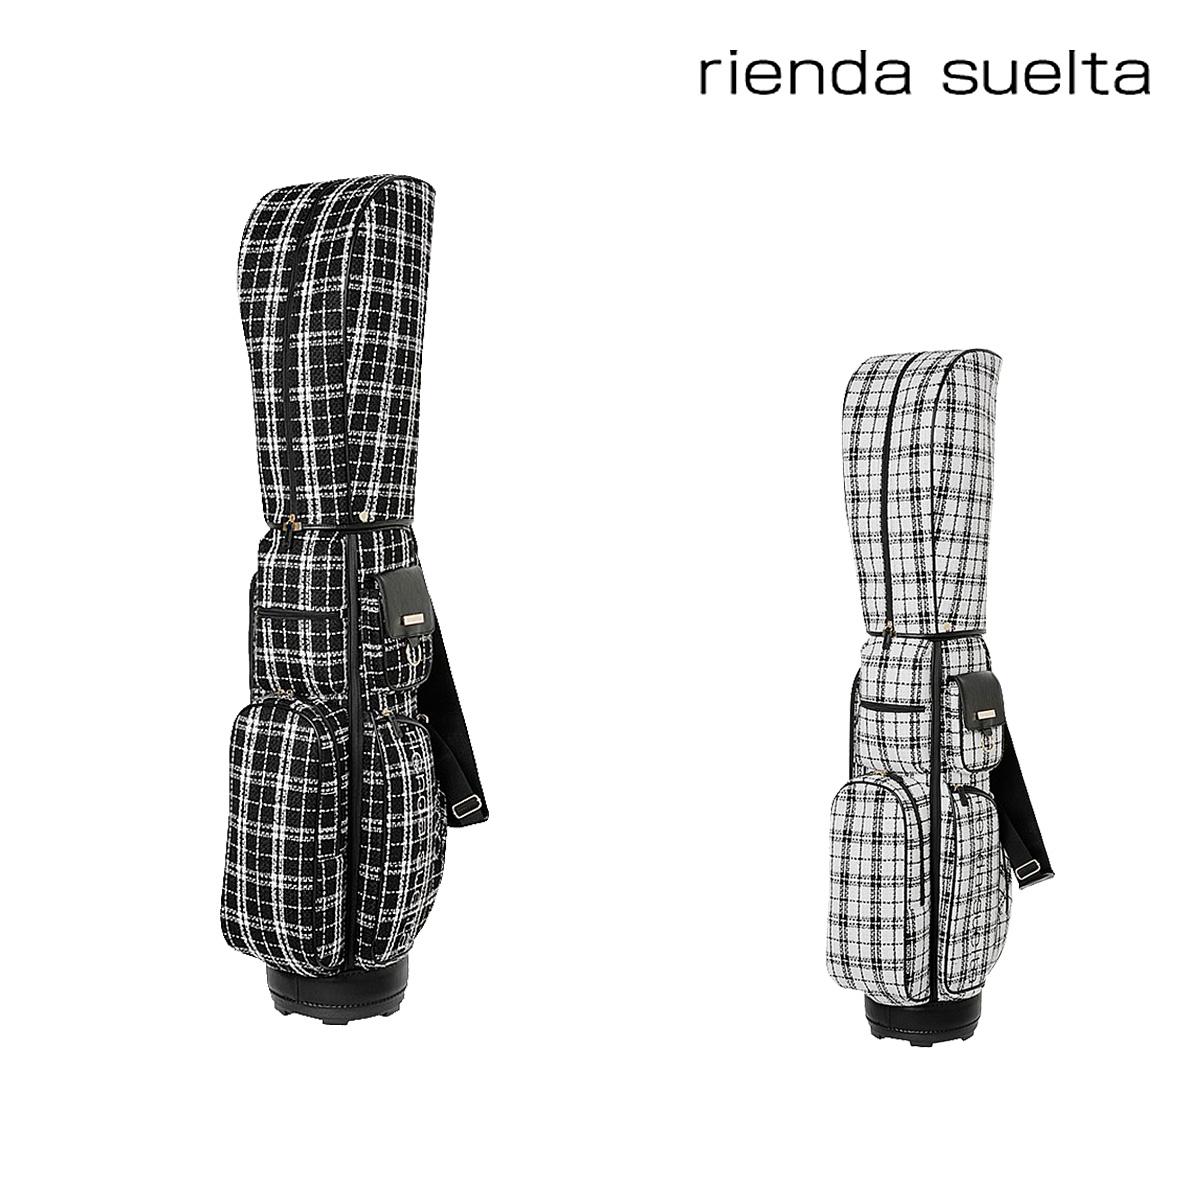 リエンダ スエルタ キャディーバッグ レディース ツイードチェック RS-91010001 rienda suelta ゴルフバッグ[bef]